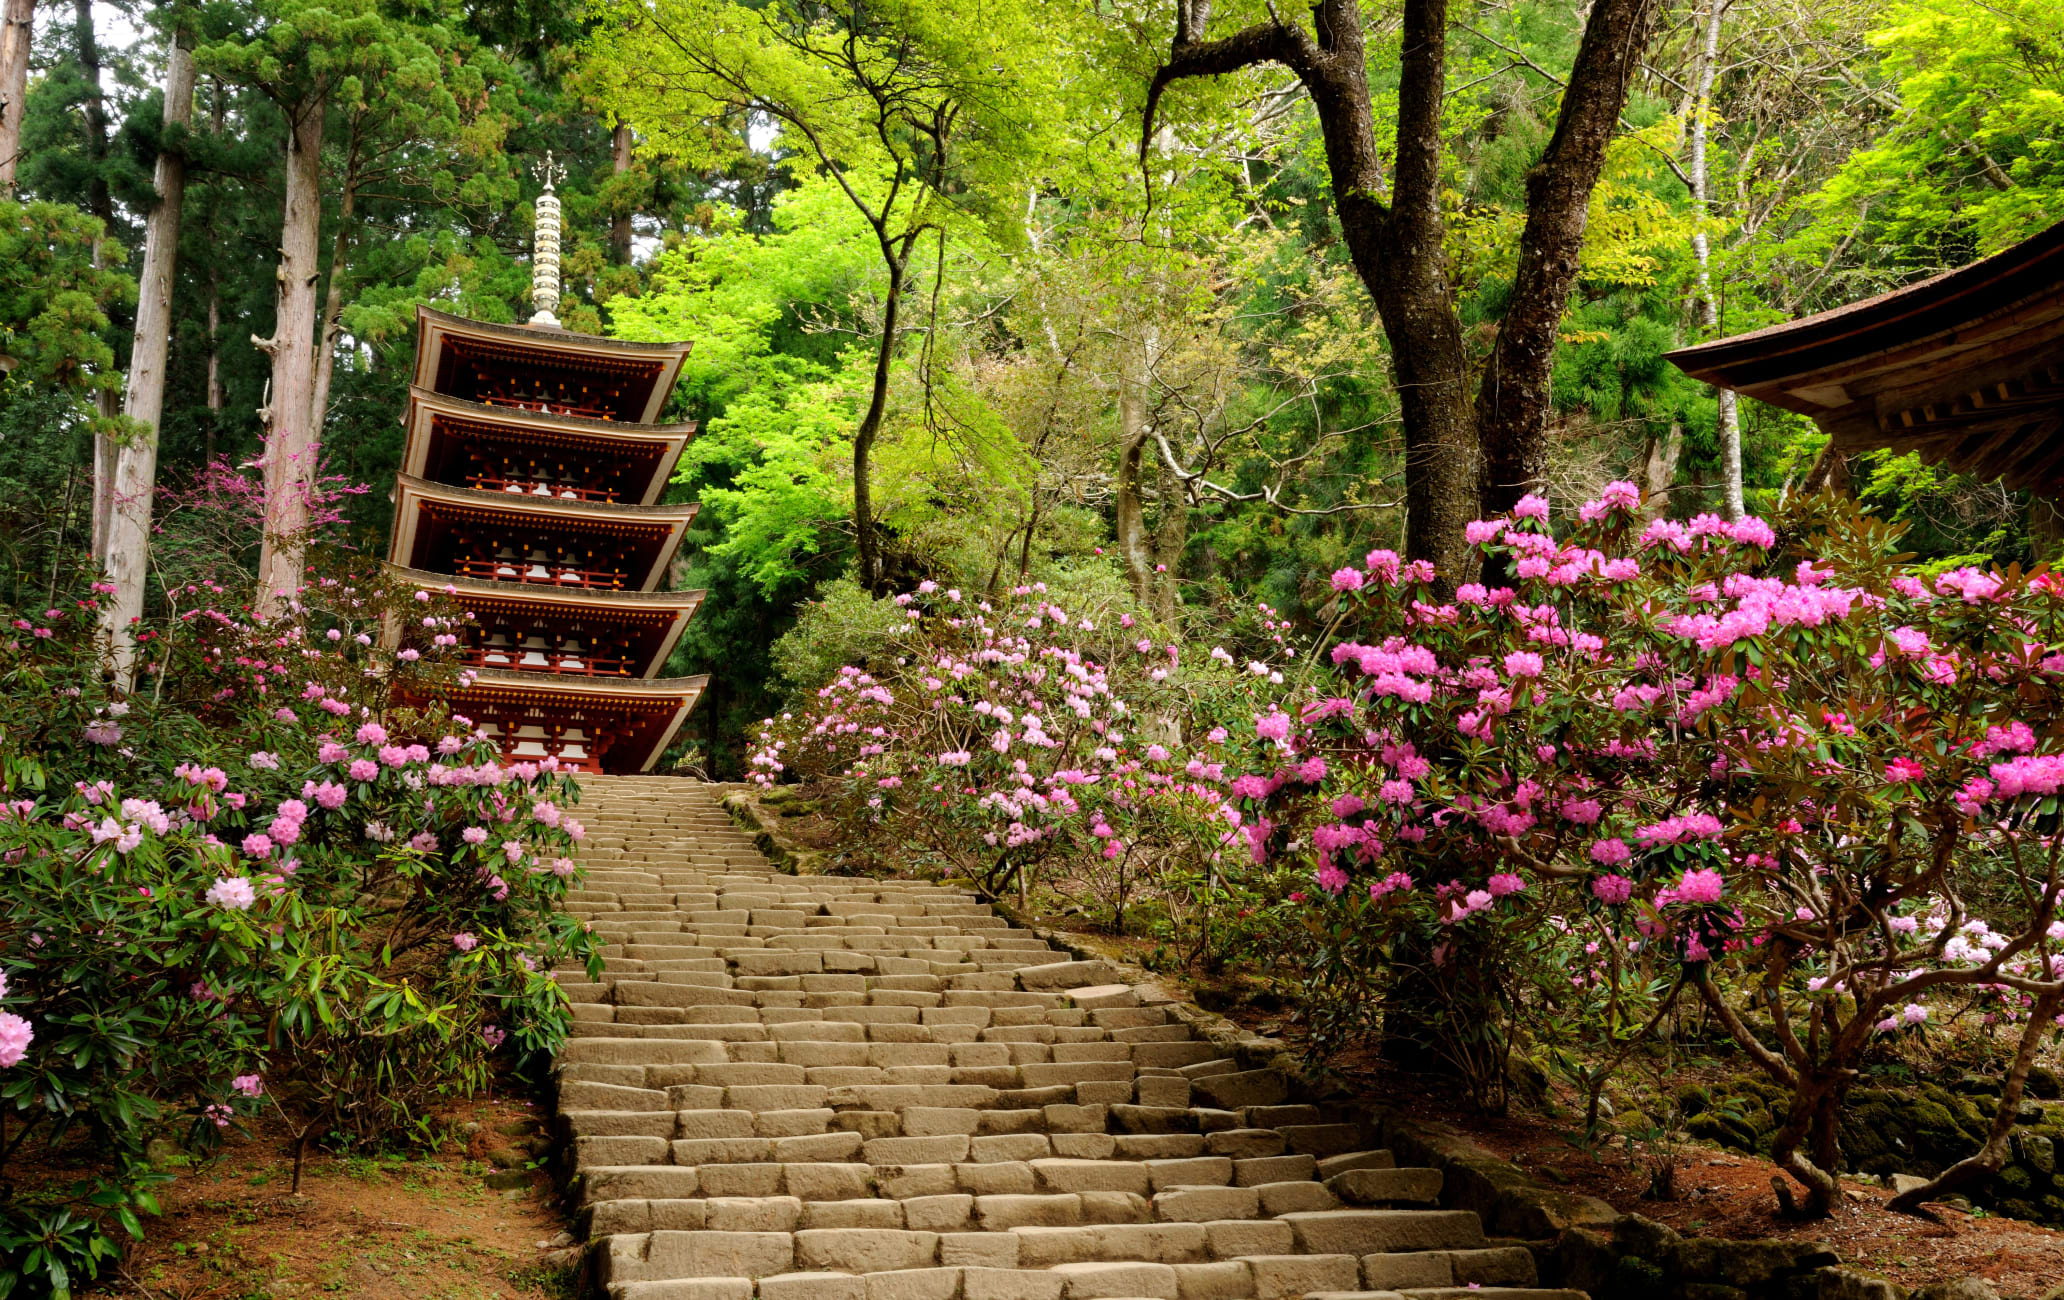 Shakunage Rhododendron of Muro-ji